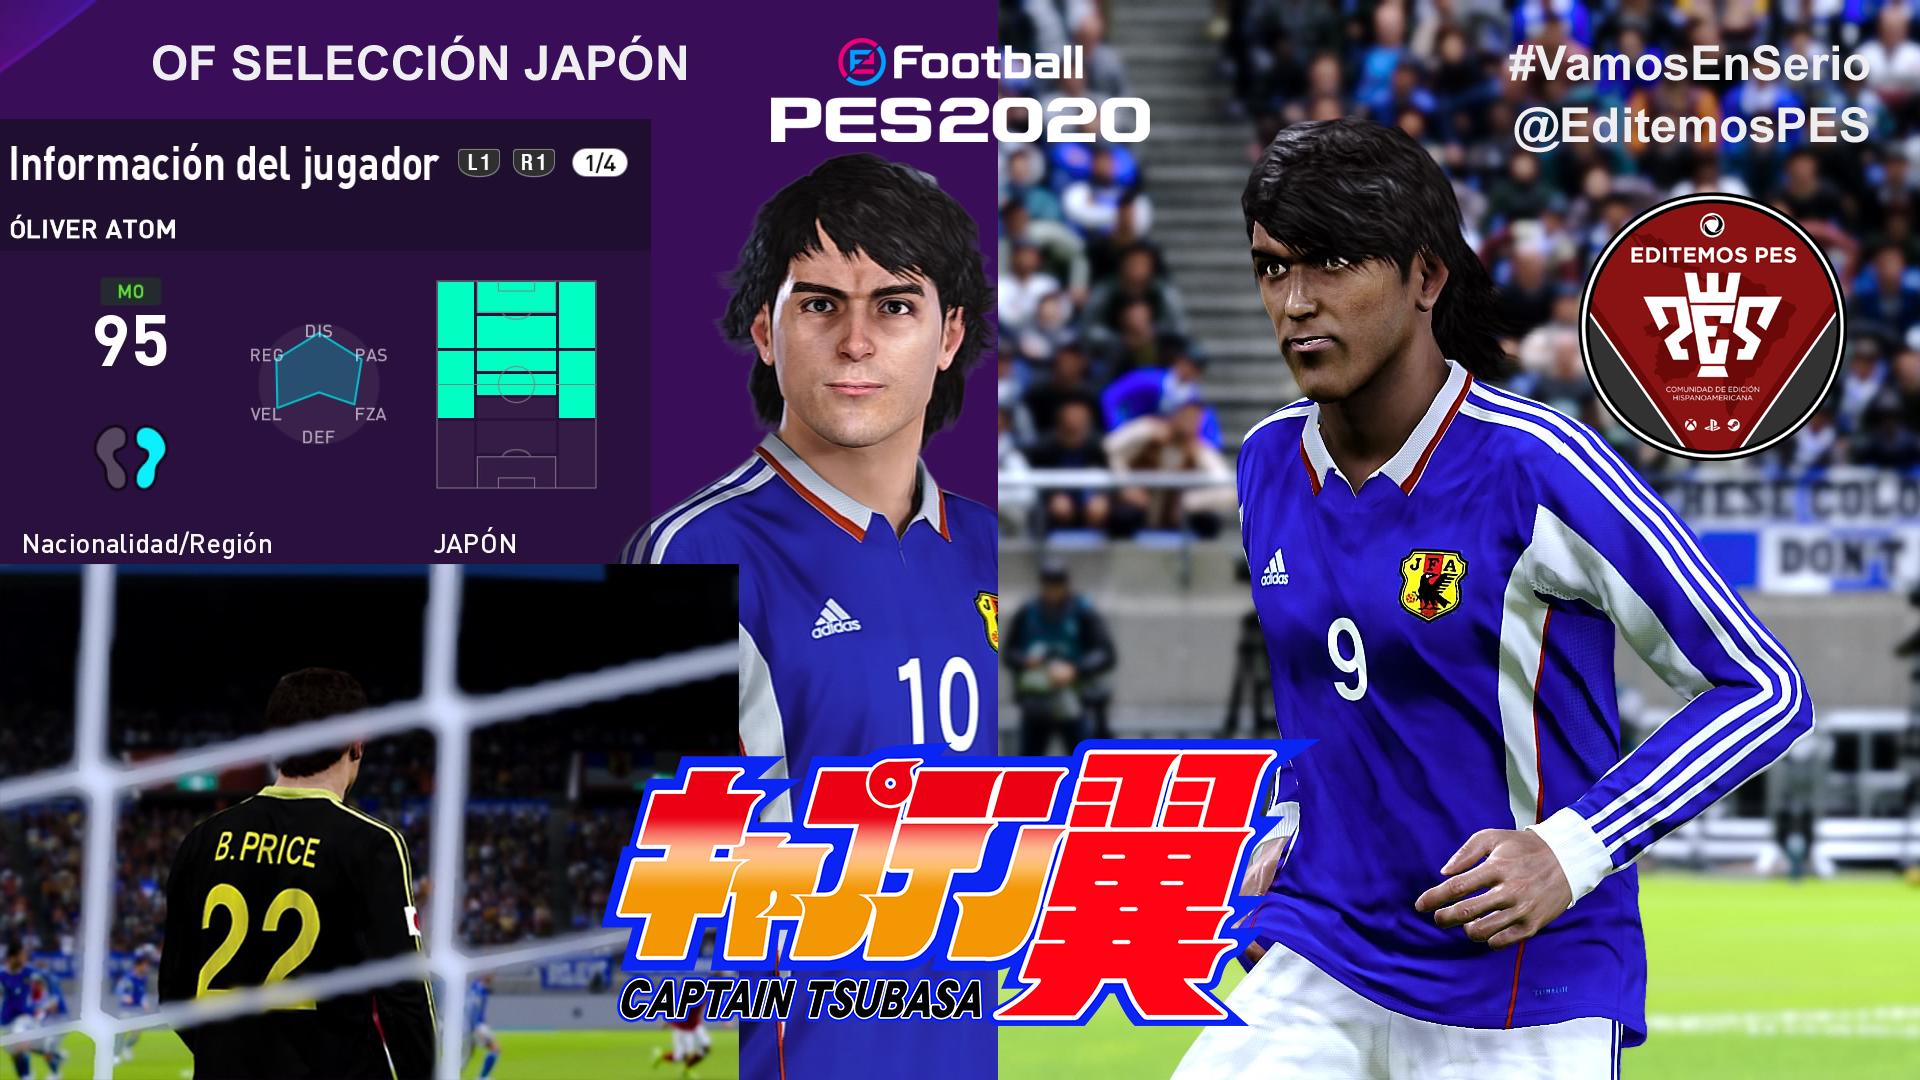 Ya disponible el OF de la selección de Japón de Campeones